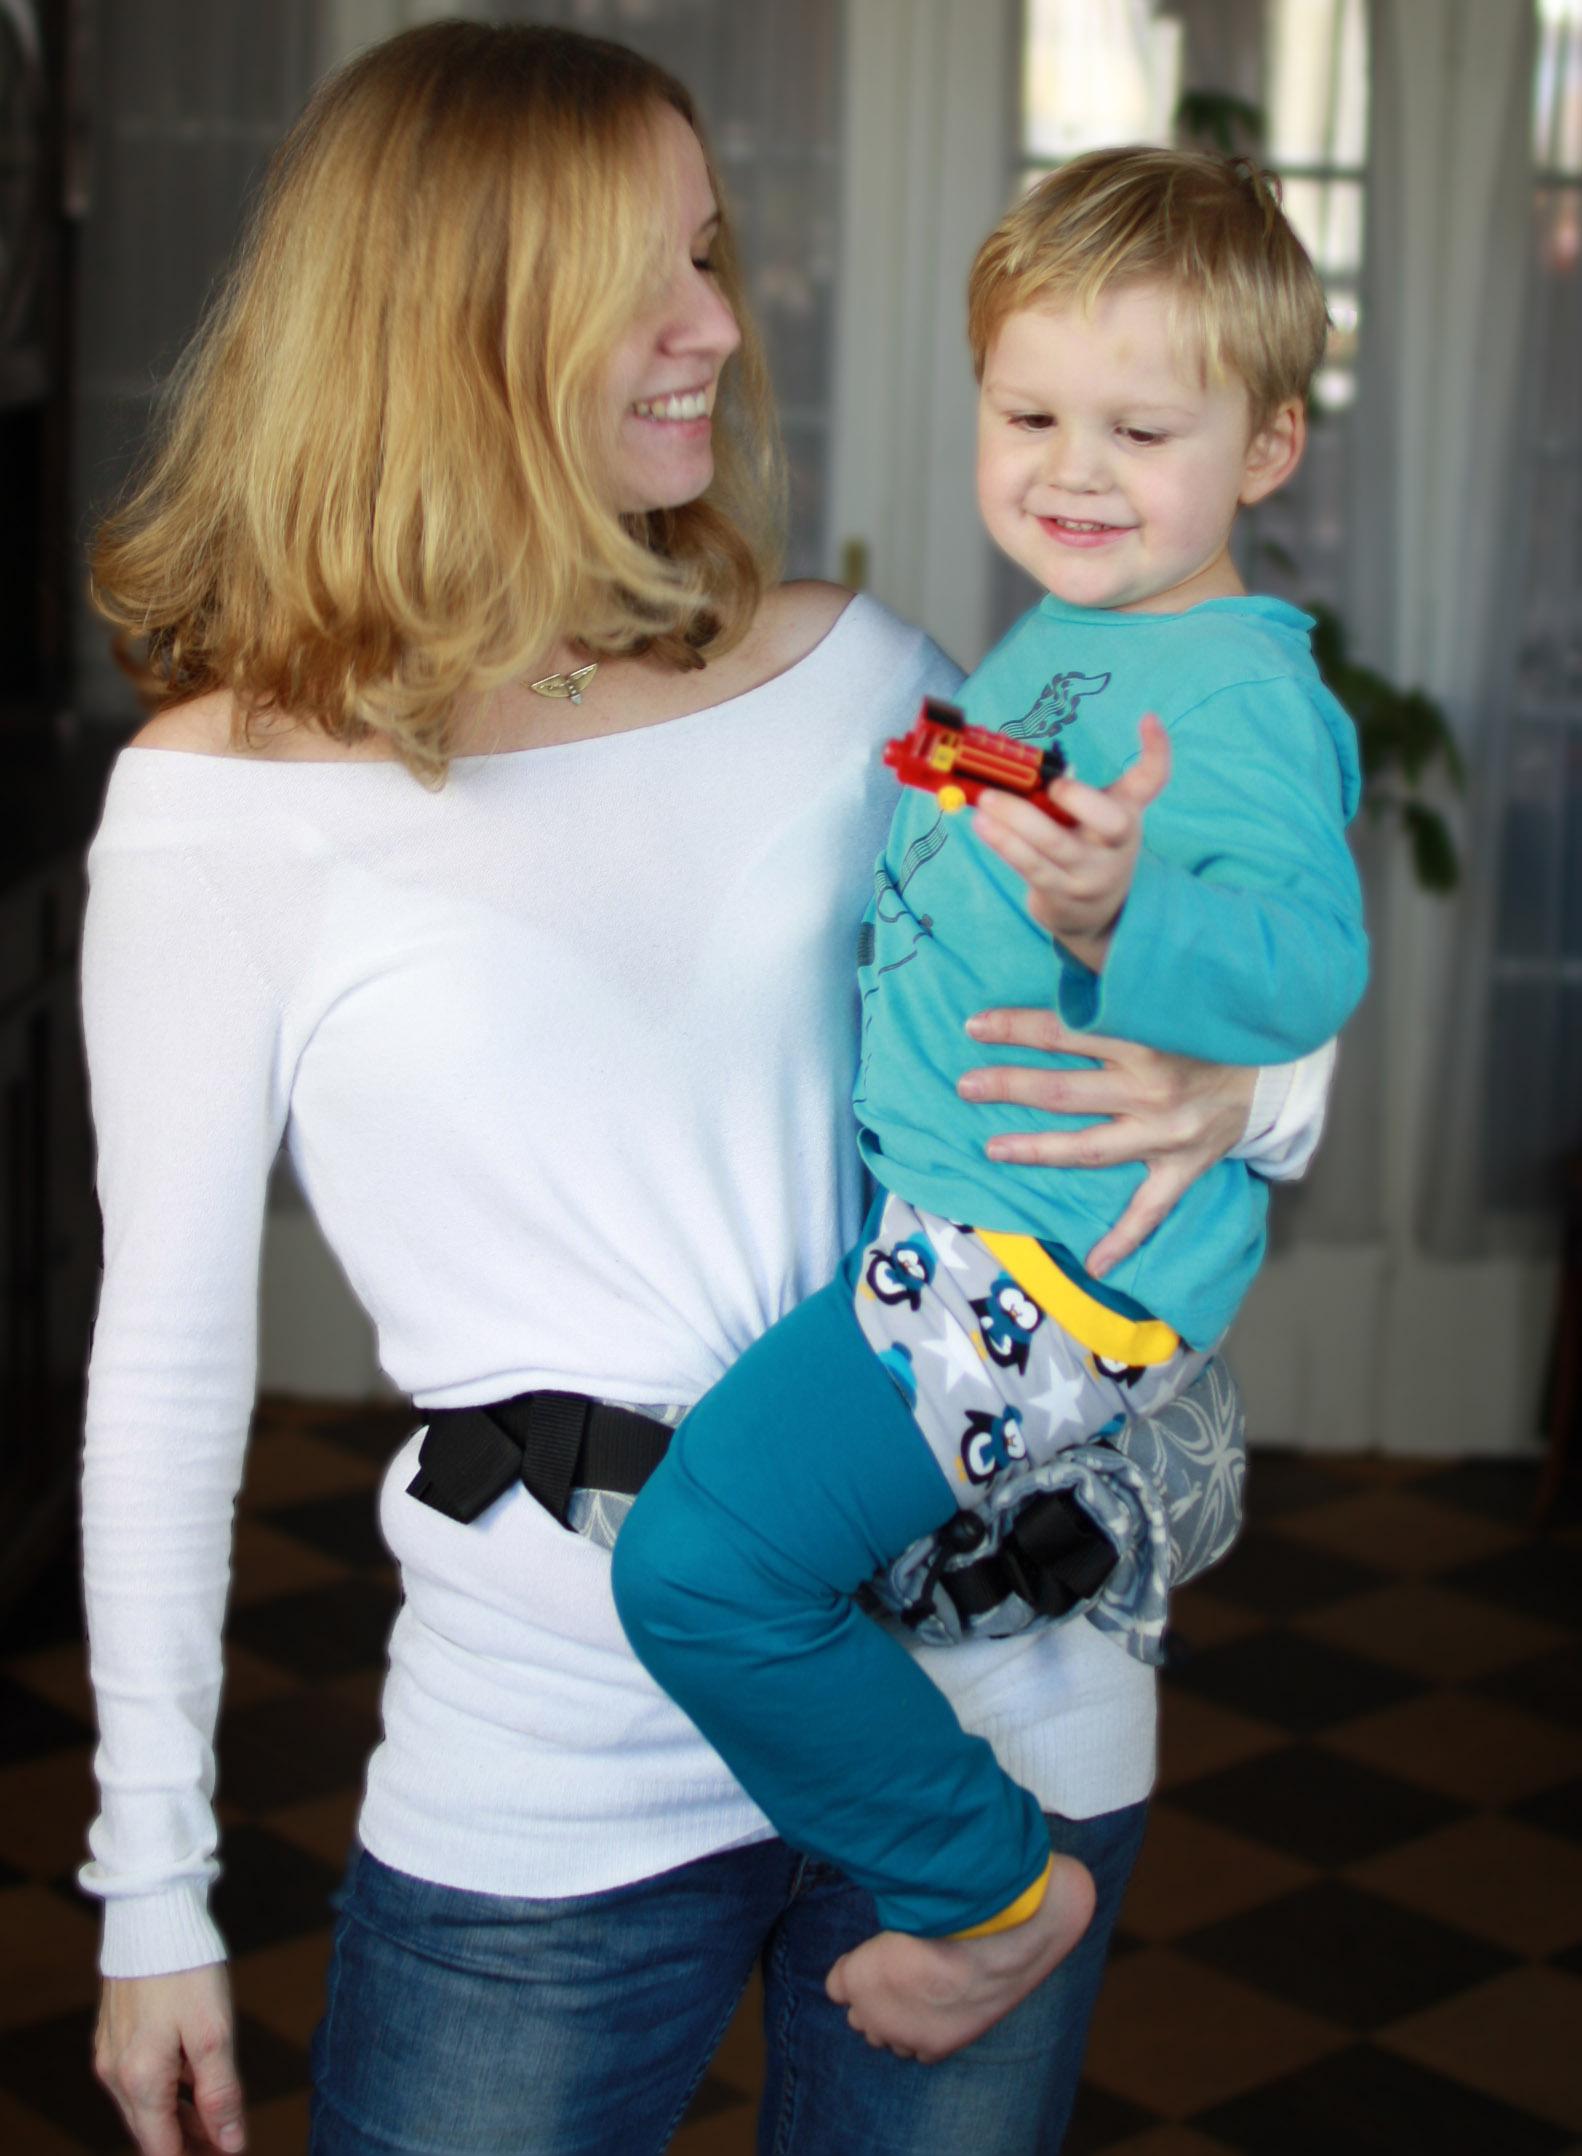 Kind am Hüftsitz tragen